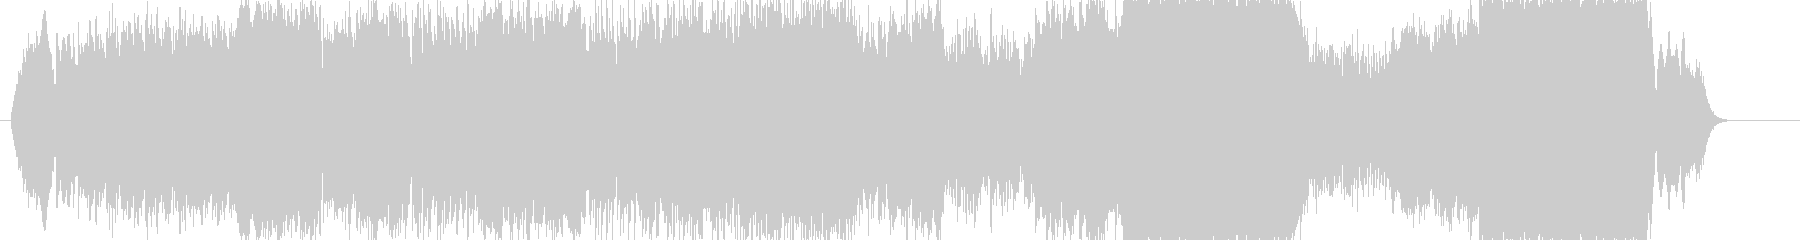 スライドショーBGM。場面にあわせて変化の未再生の波形